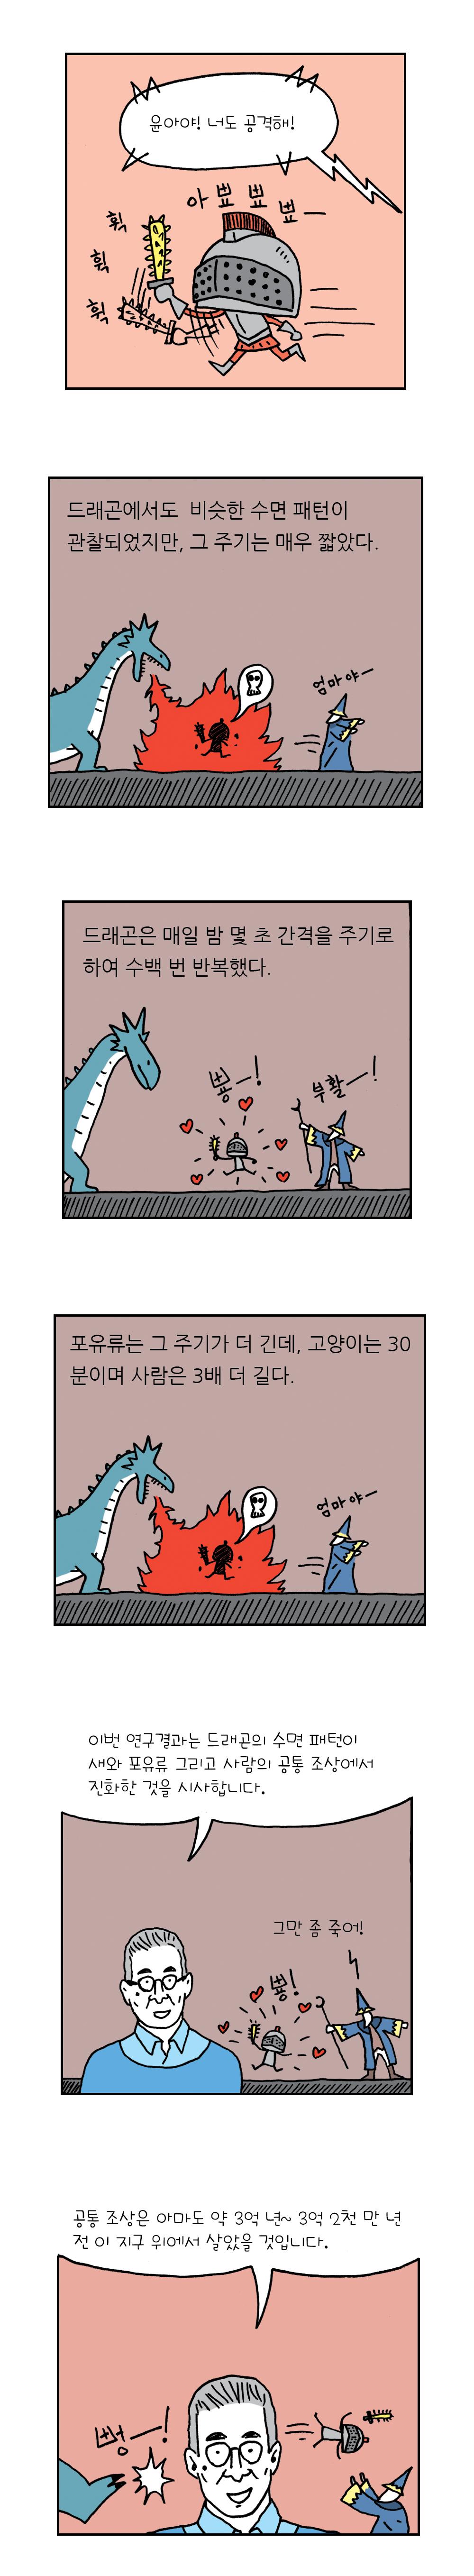 사이언티픽 게이머즈 시즌2 #8 드래곤이 깊은 잠에 빠지는 이유 7